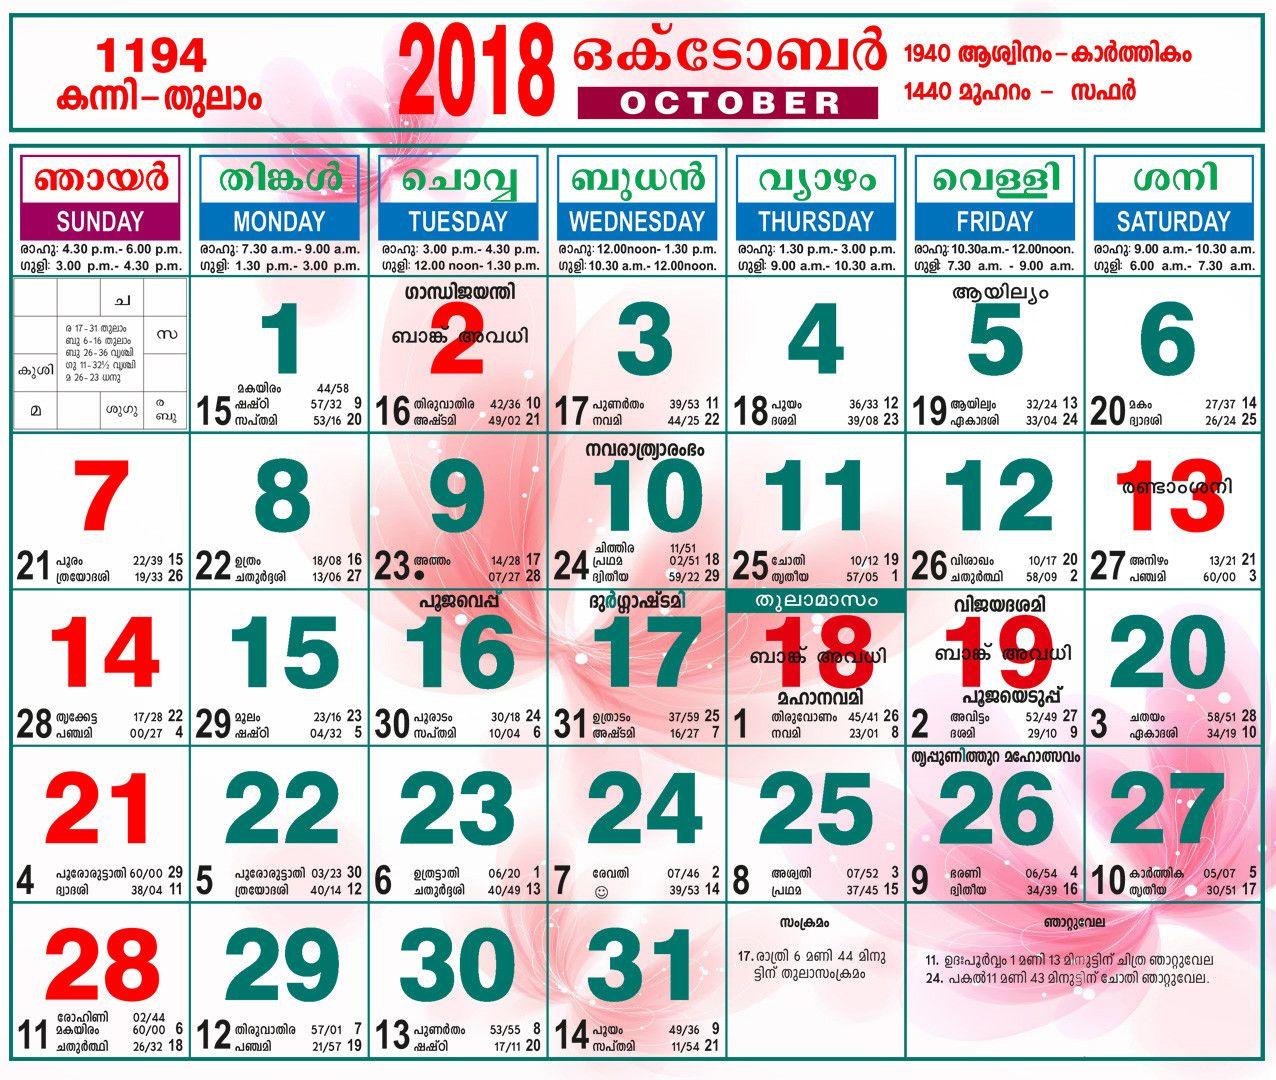 Malayalam Calendar October 2018 | November Calendar for Malayalam Calendar 2018 September